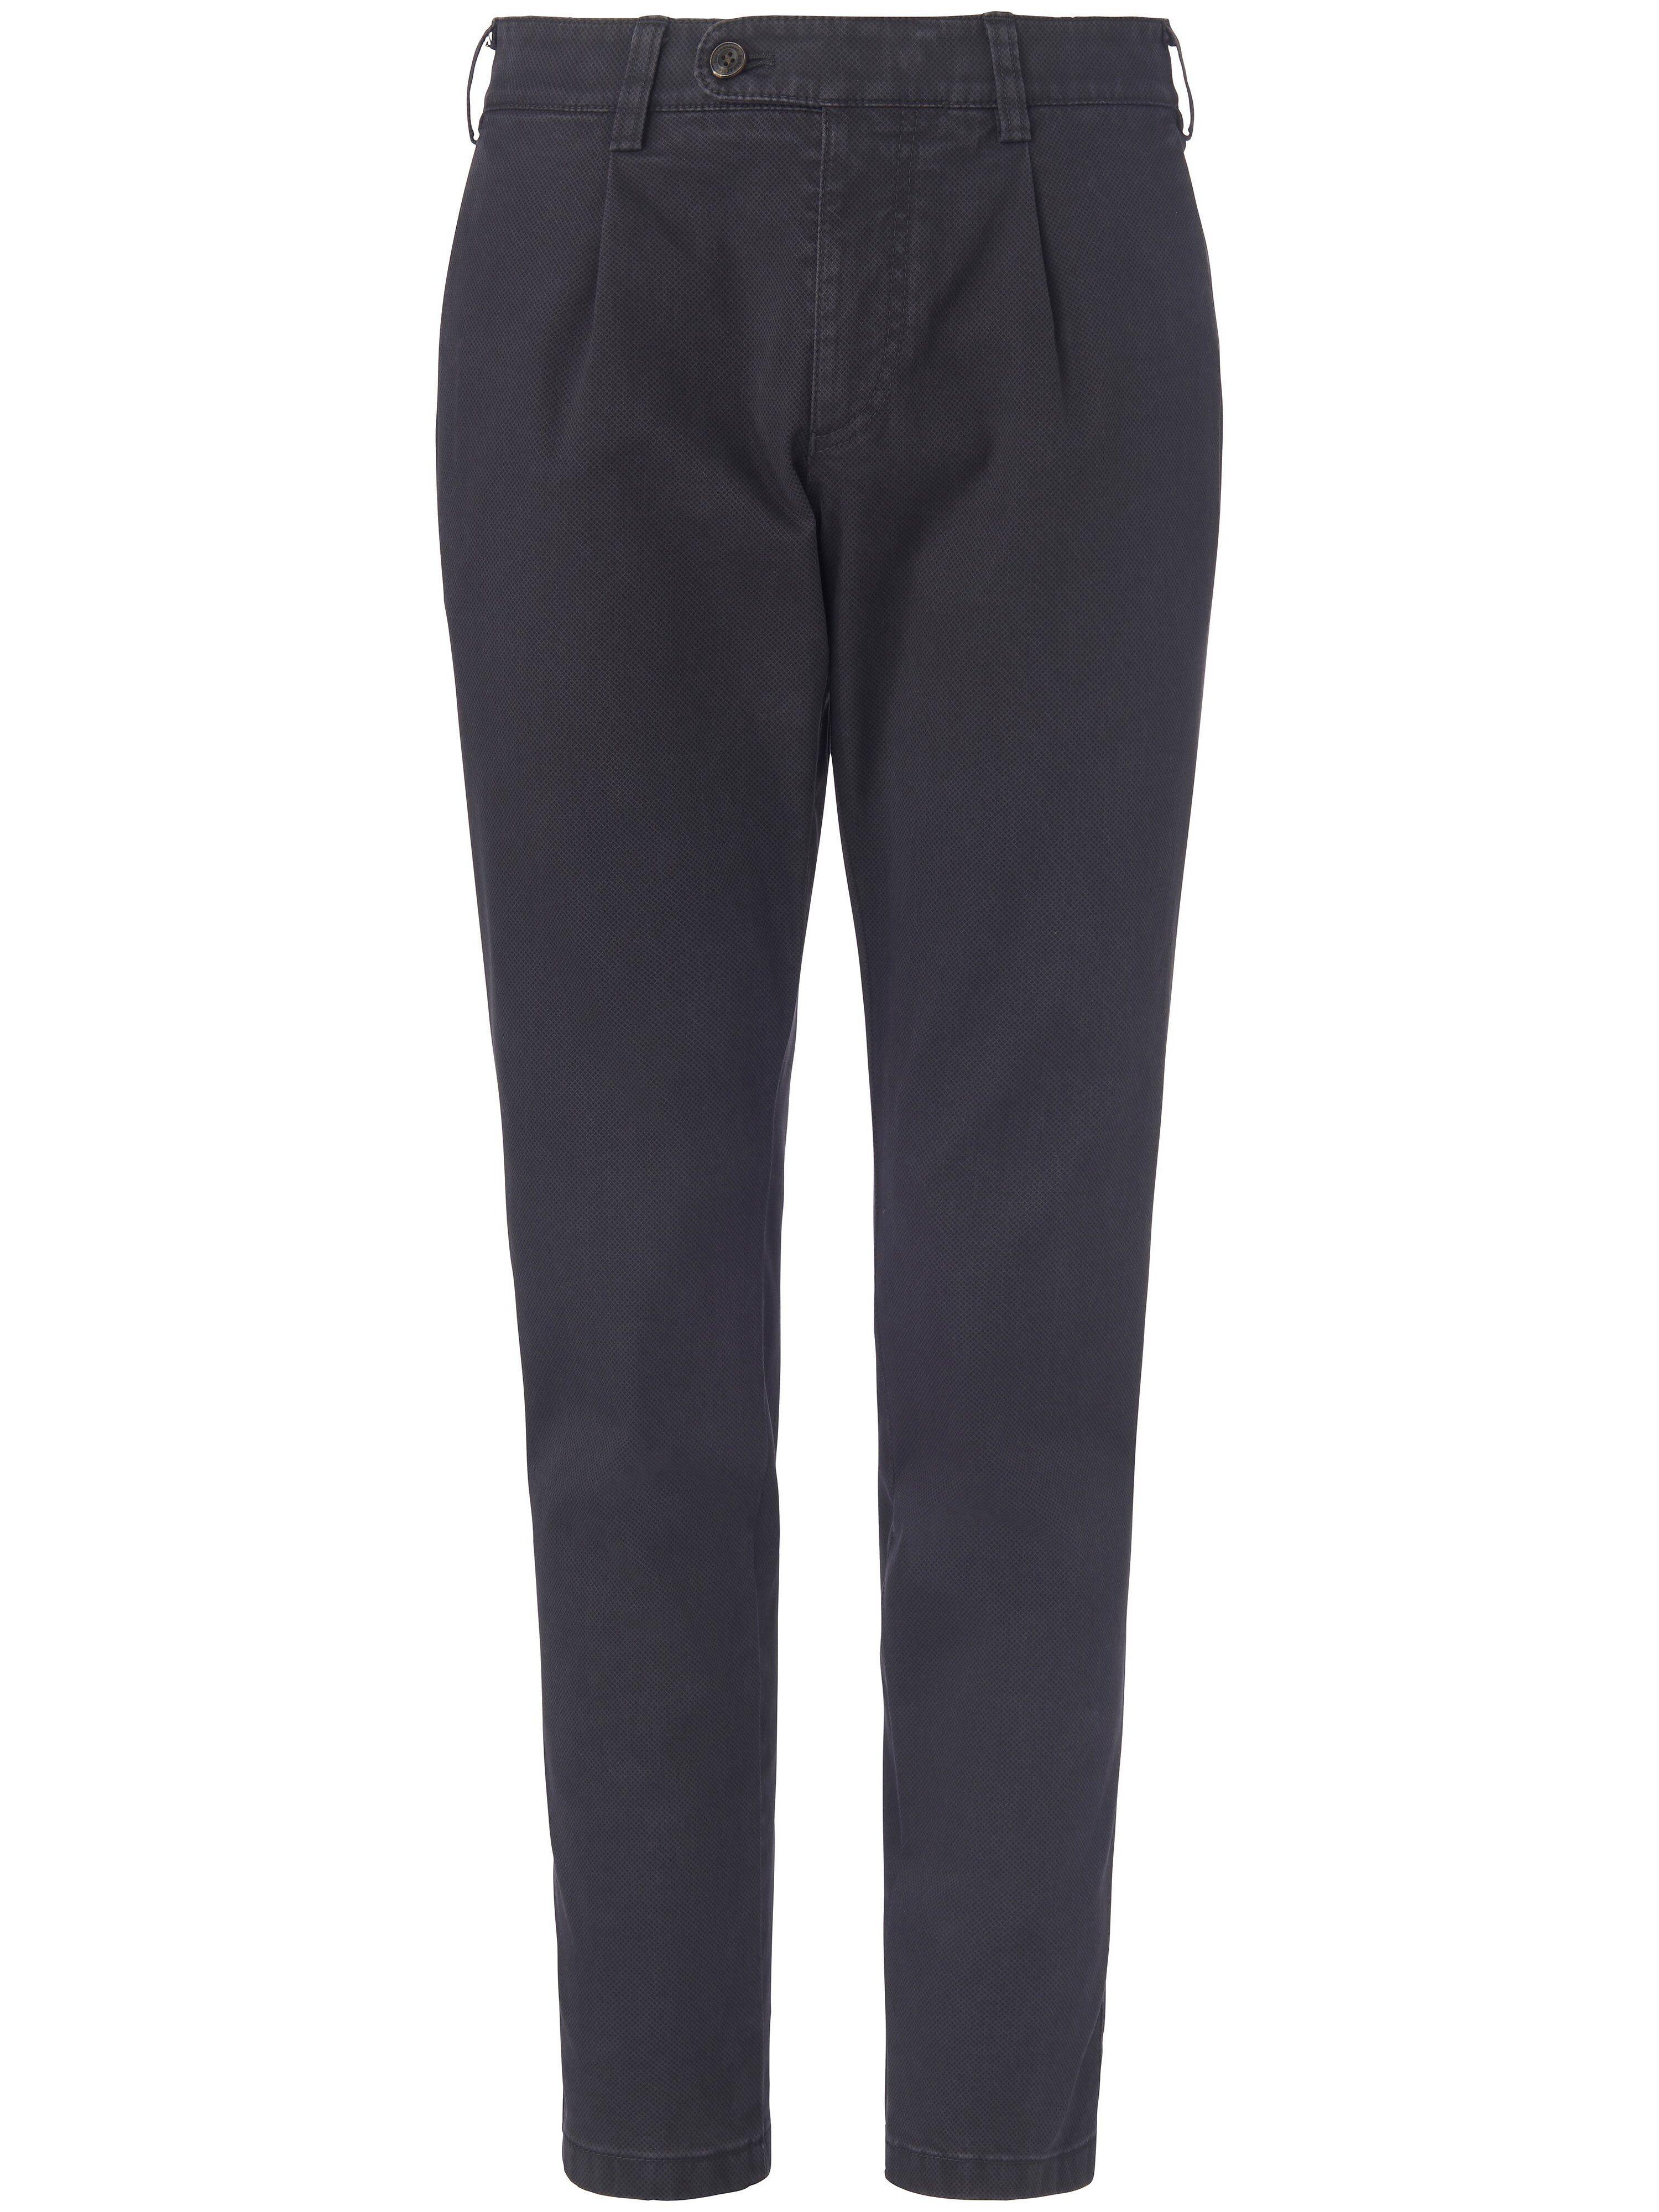 Brax Le pantalon à pinces modèle Luis  Eurex by Brax gris  - Homme - 26